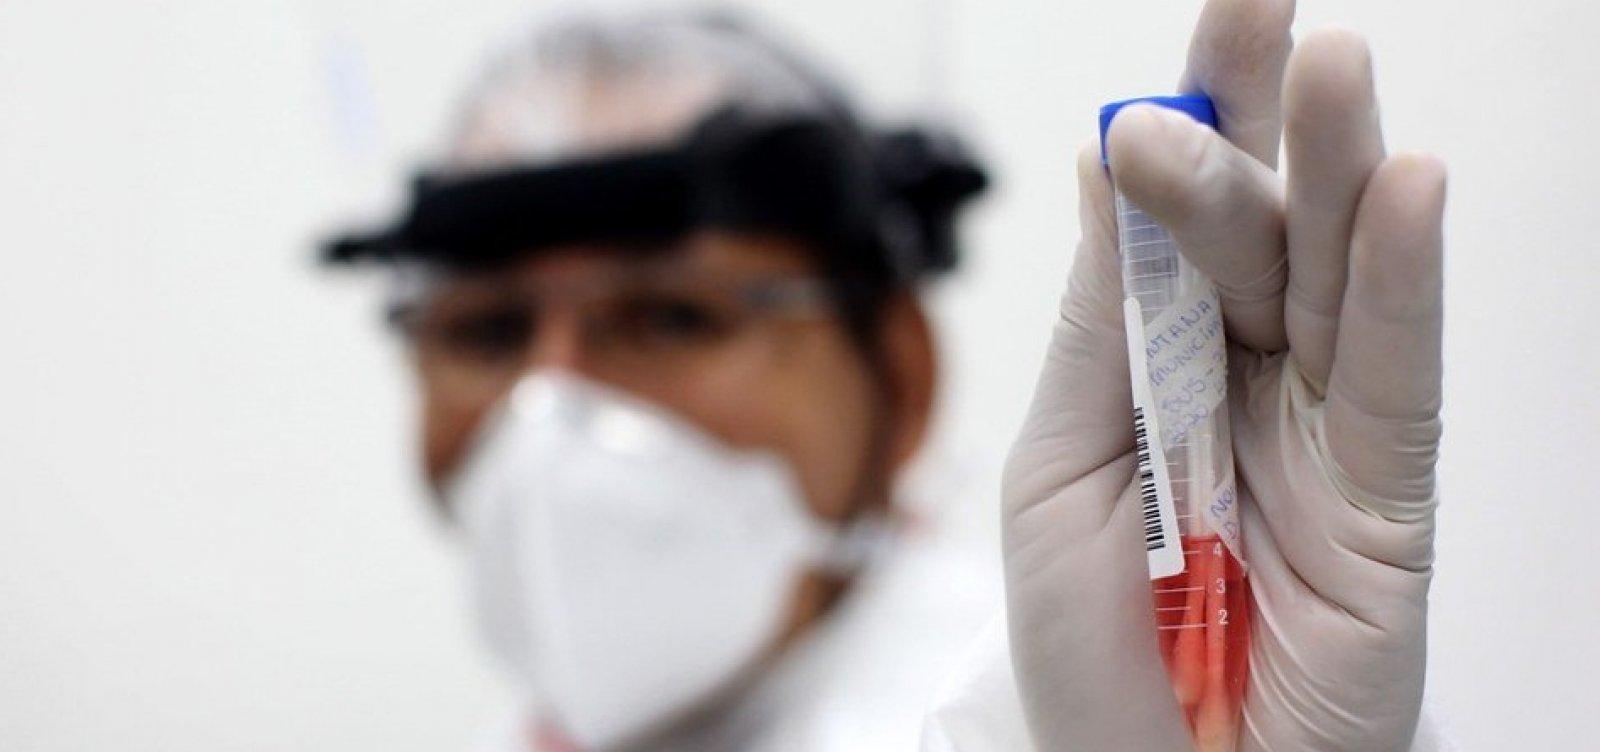 Bahia precisa reduzir transmissão de Covid-19 para evitar colapso na Saúde, diz secretário